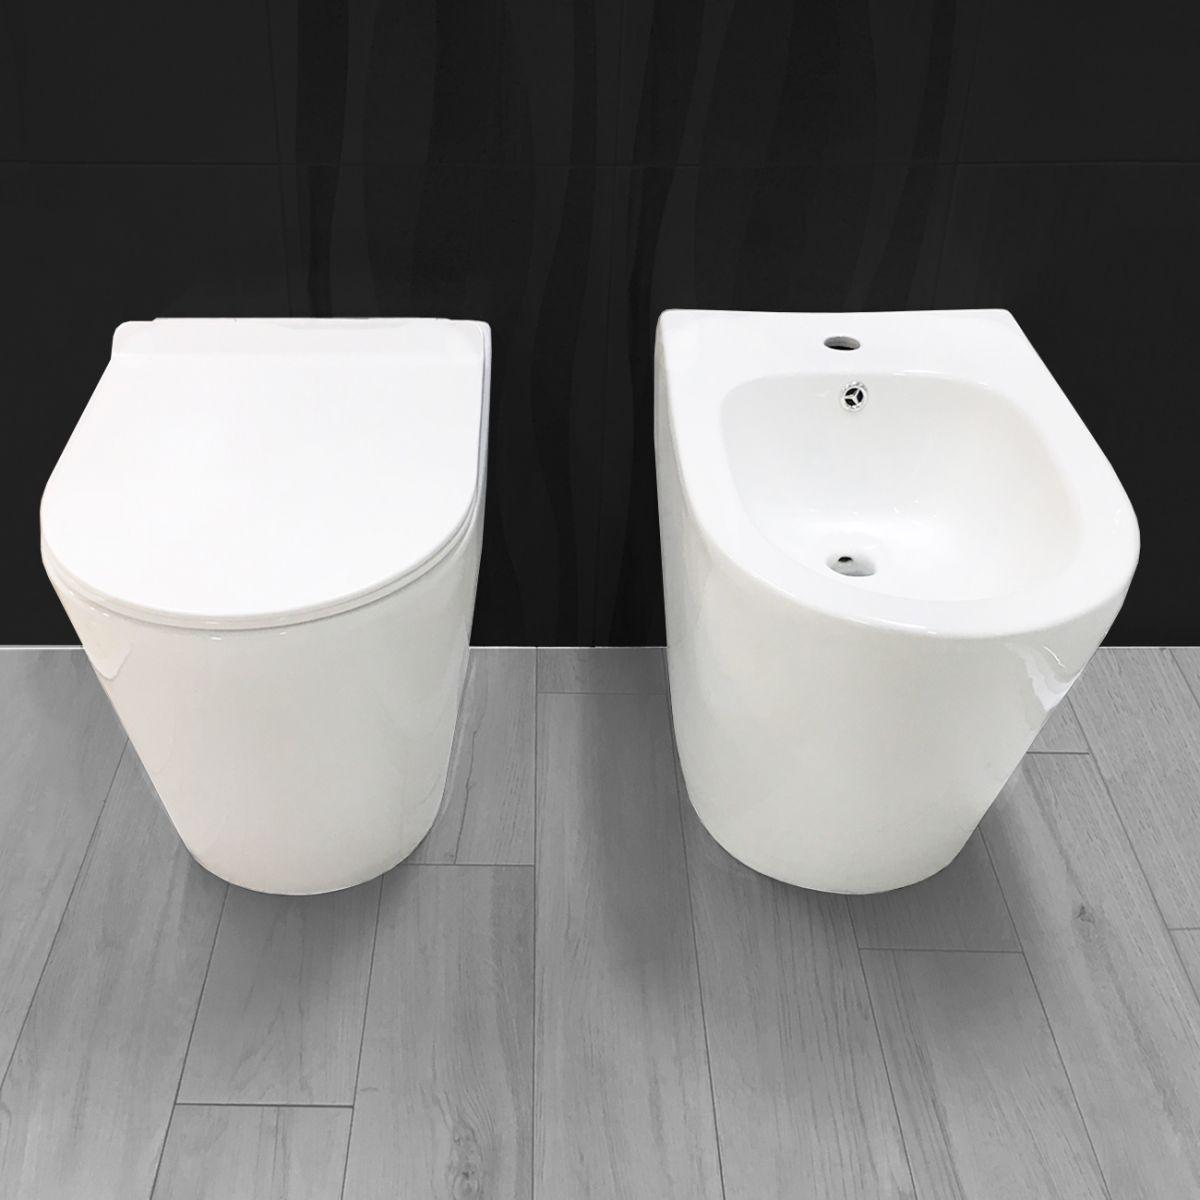 redondo fronte scuro Sanitari filo muro Chic in ceramica Rimless Vaso+Bidet+Coprivaso Soft Close